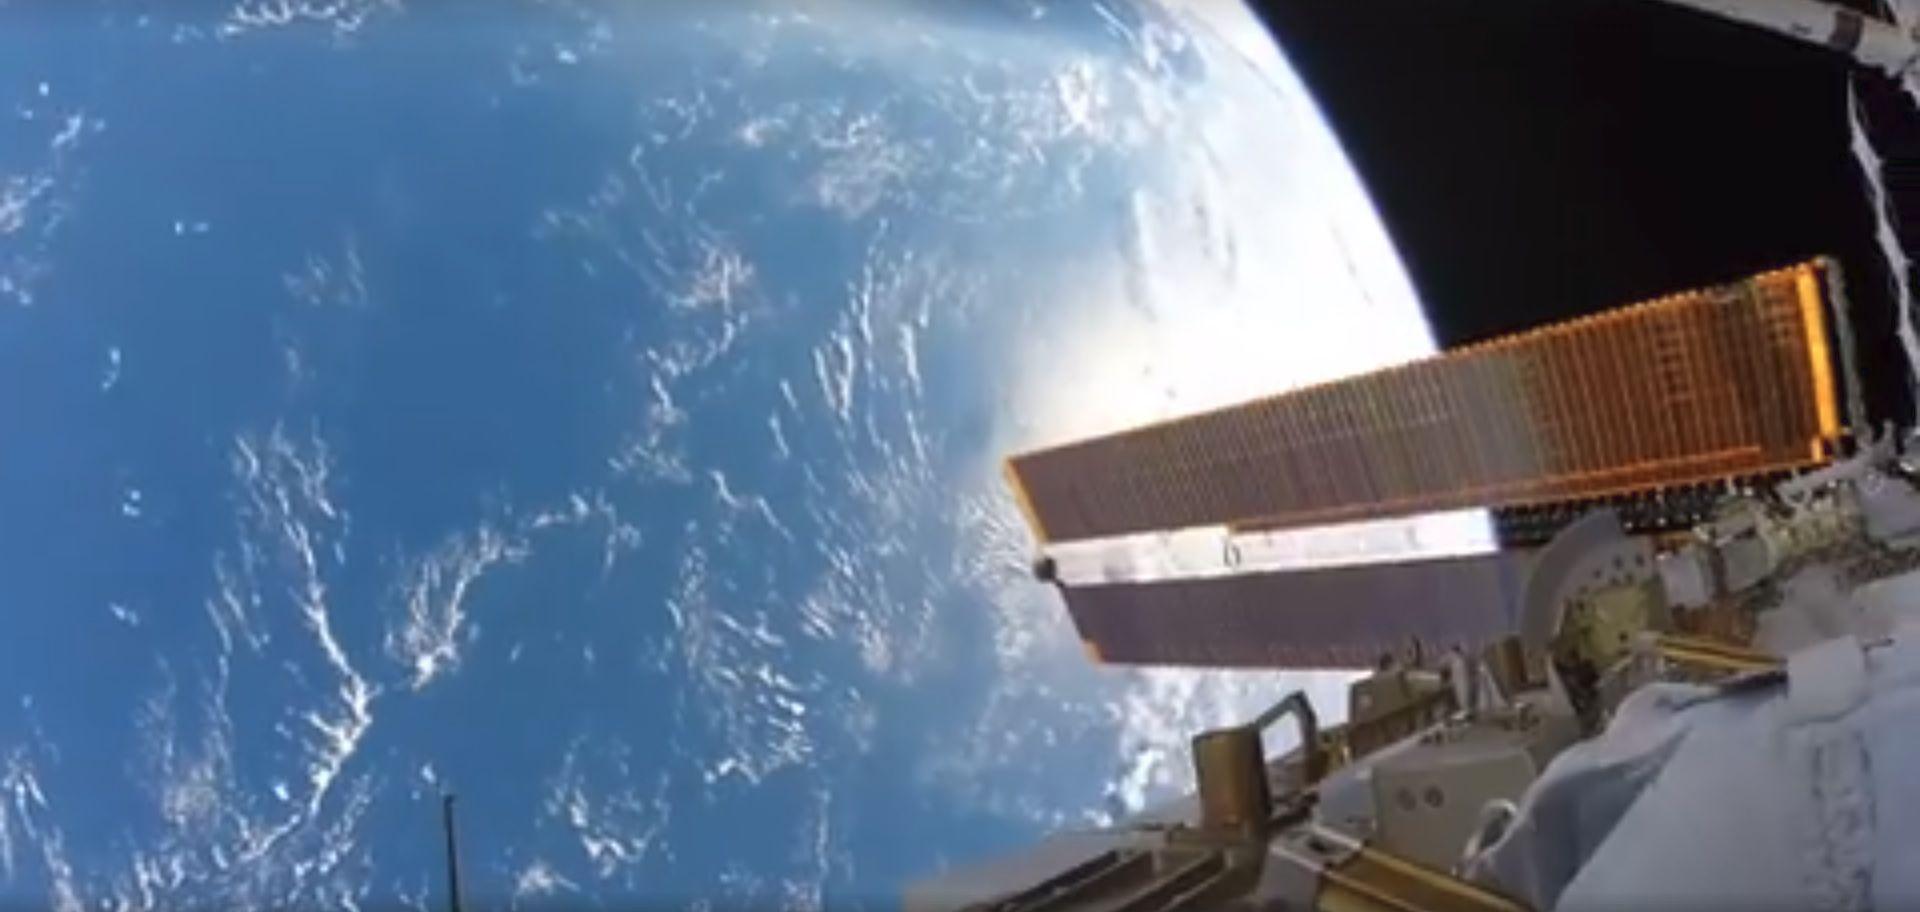 11_28_NASA Bresnik Spacewalk